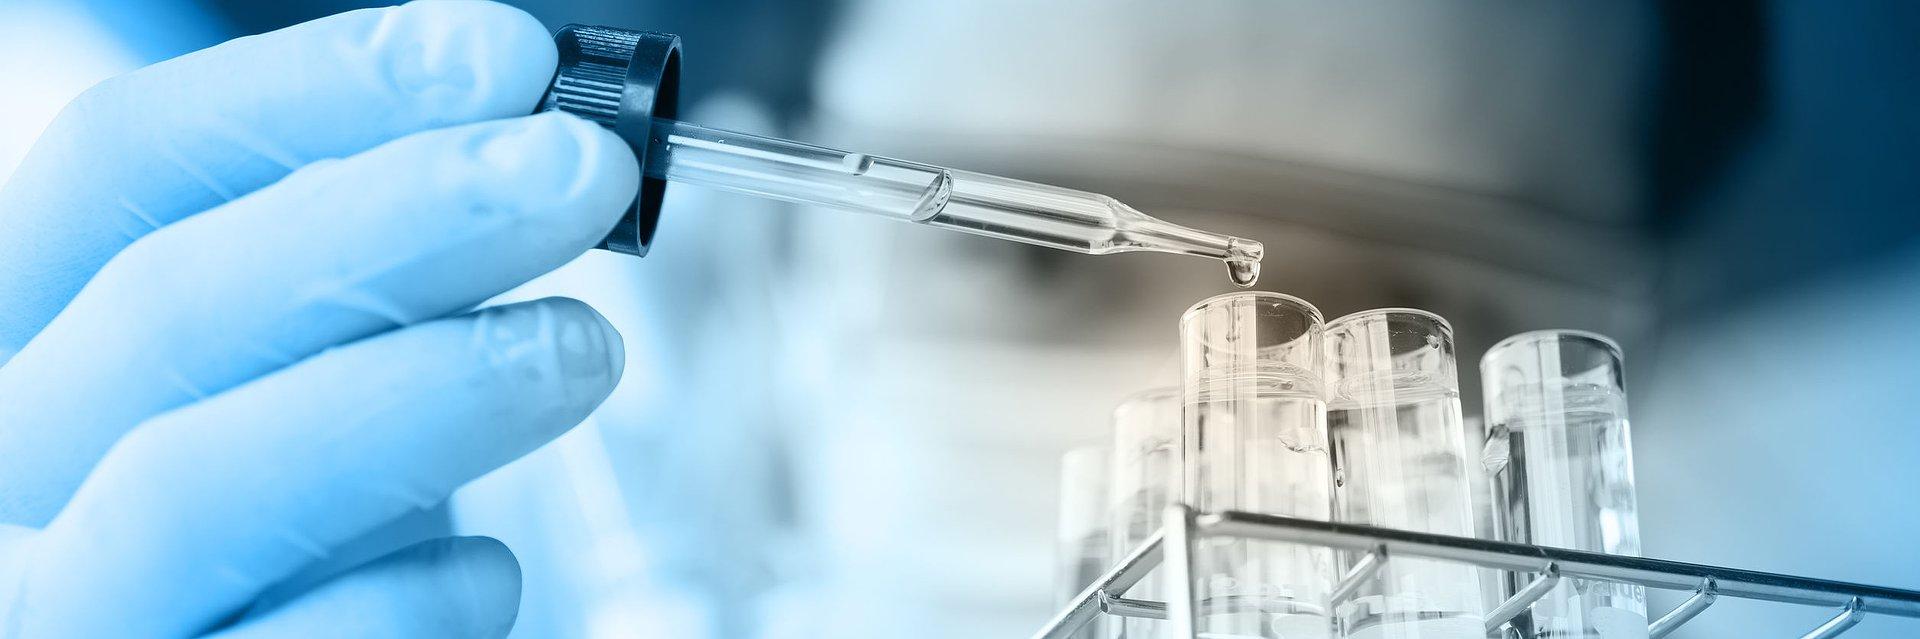 W tym tygodniu ma ruszyć produkcja polskich testów na koronawirusa